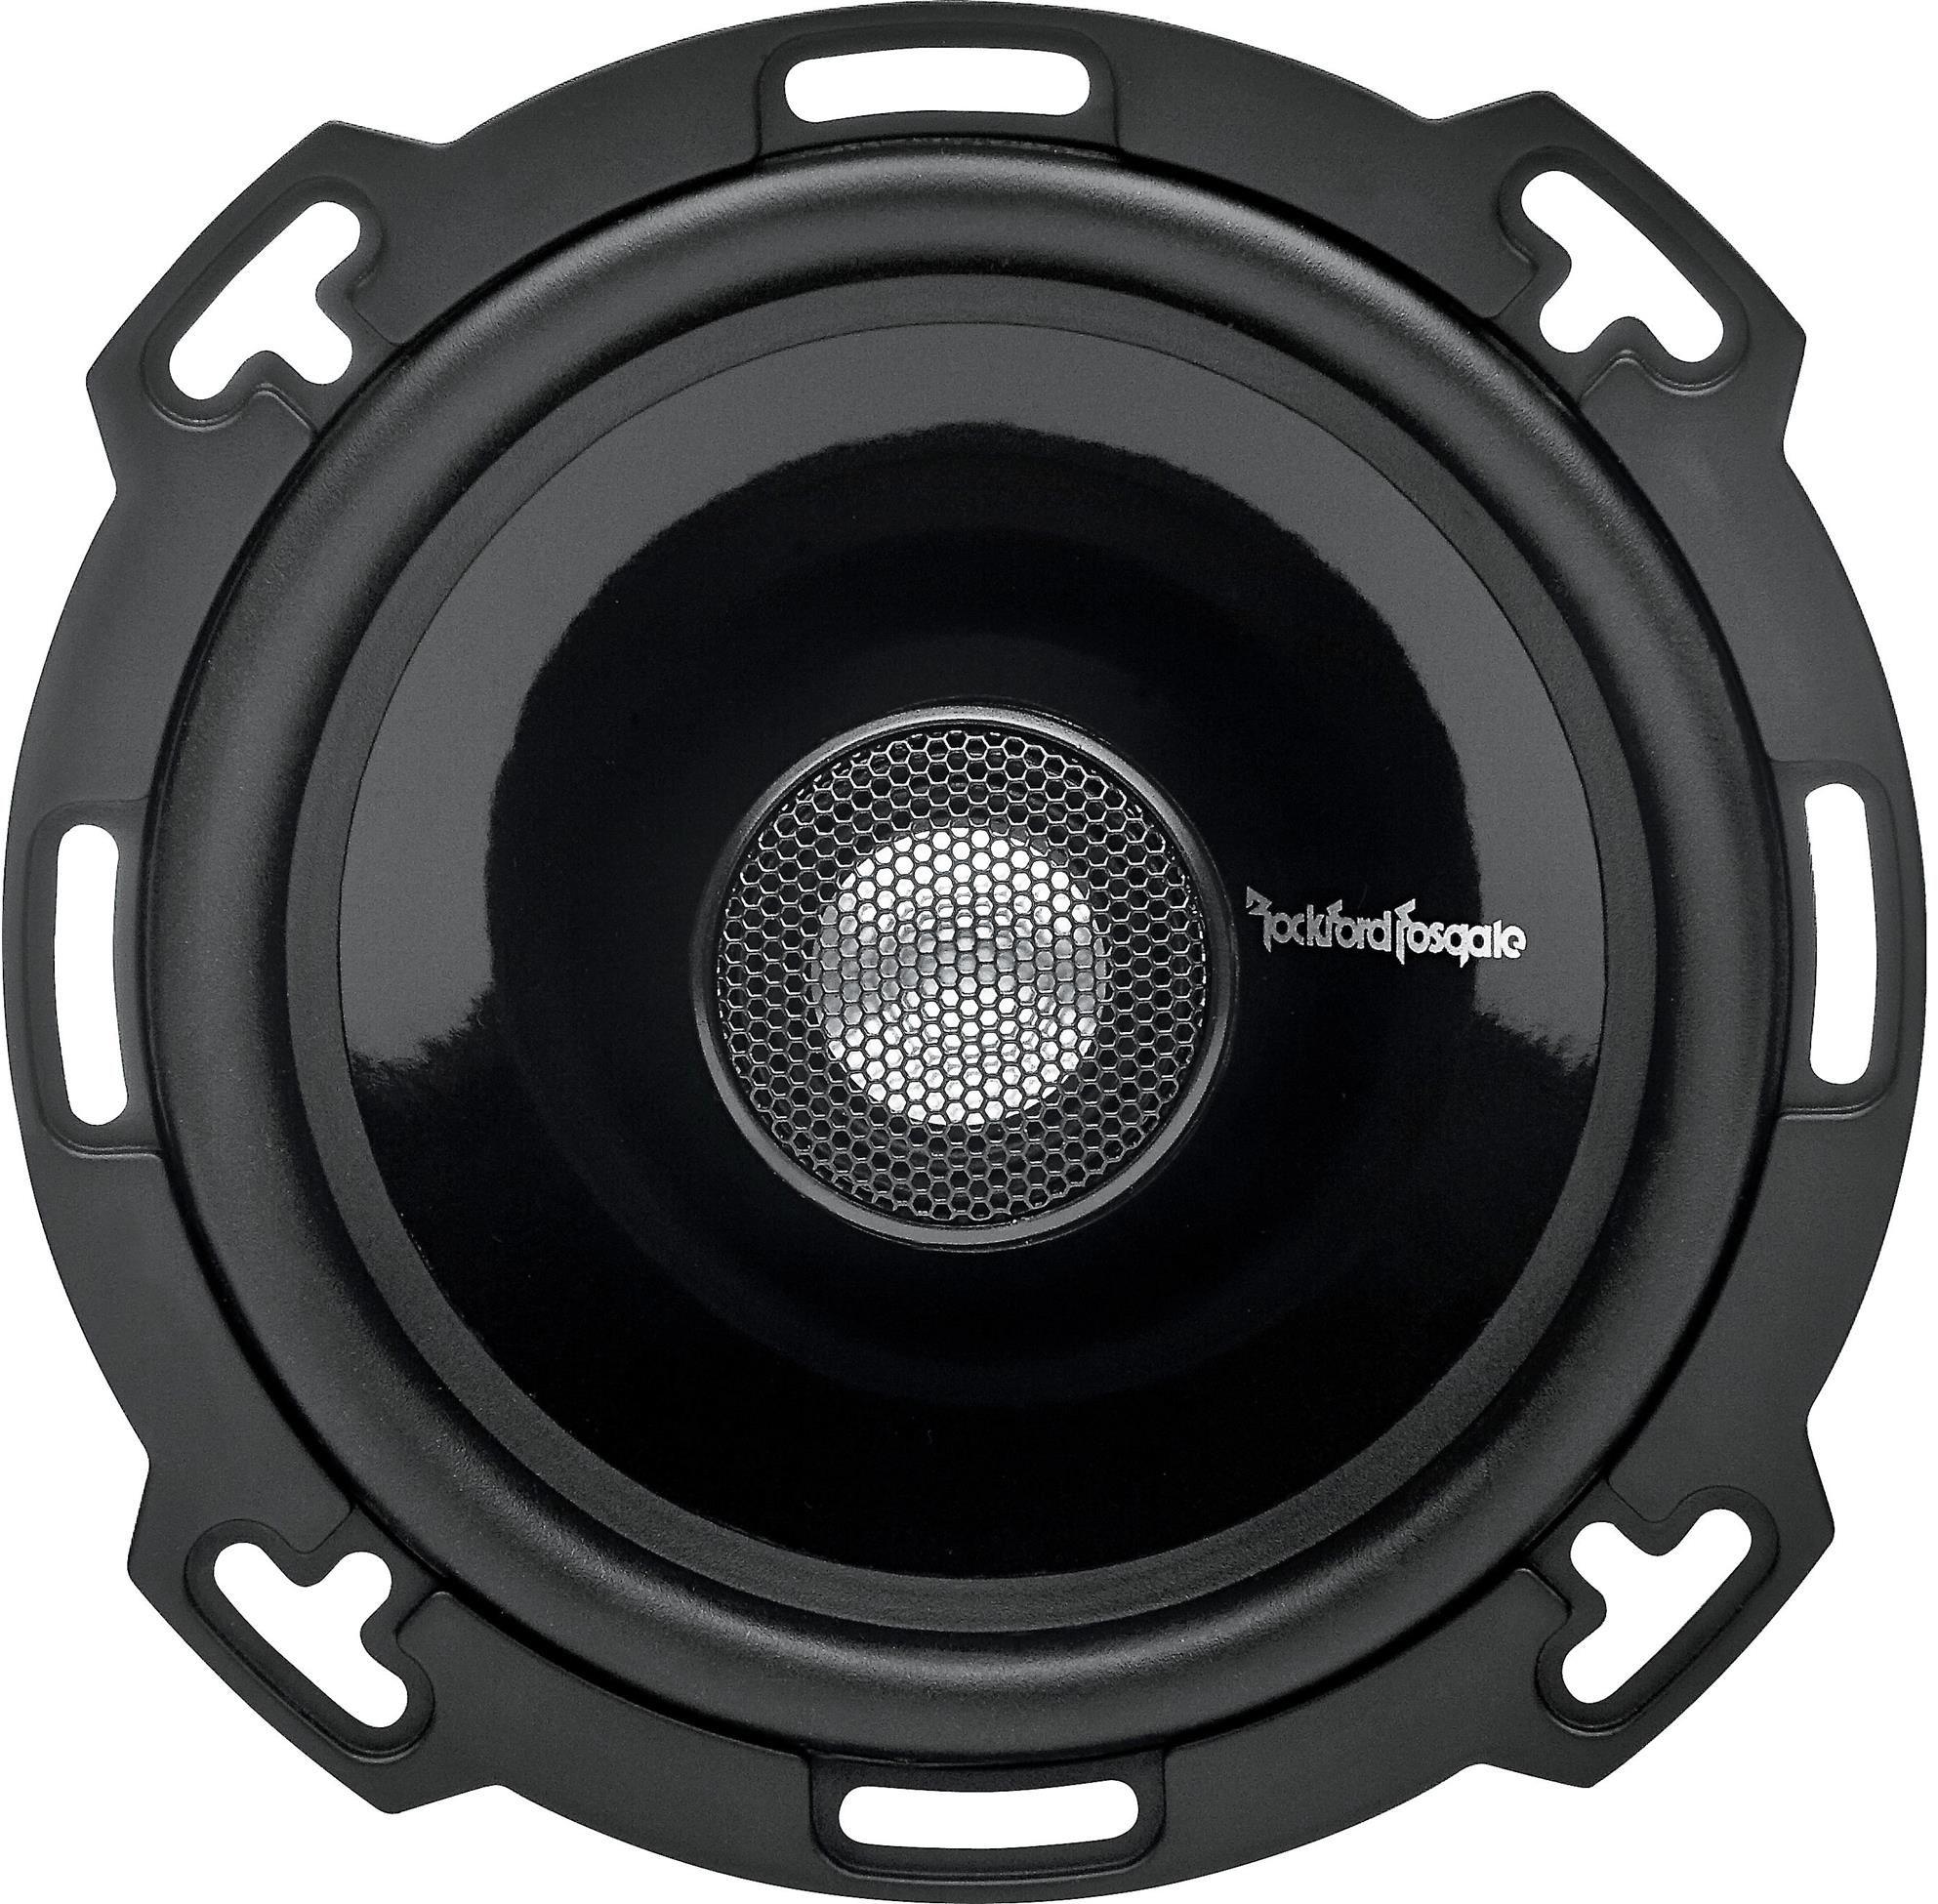 Rockford Fosgate Power 6 2 Way Full Range Speaker T16 Shop 4k Hd Features